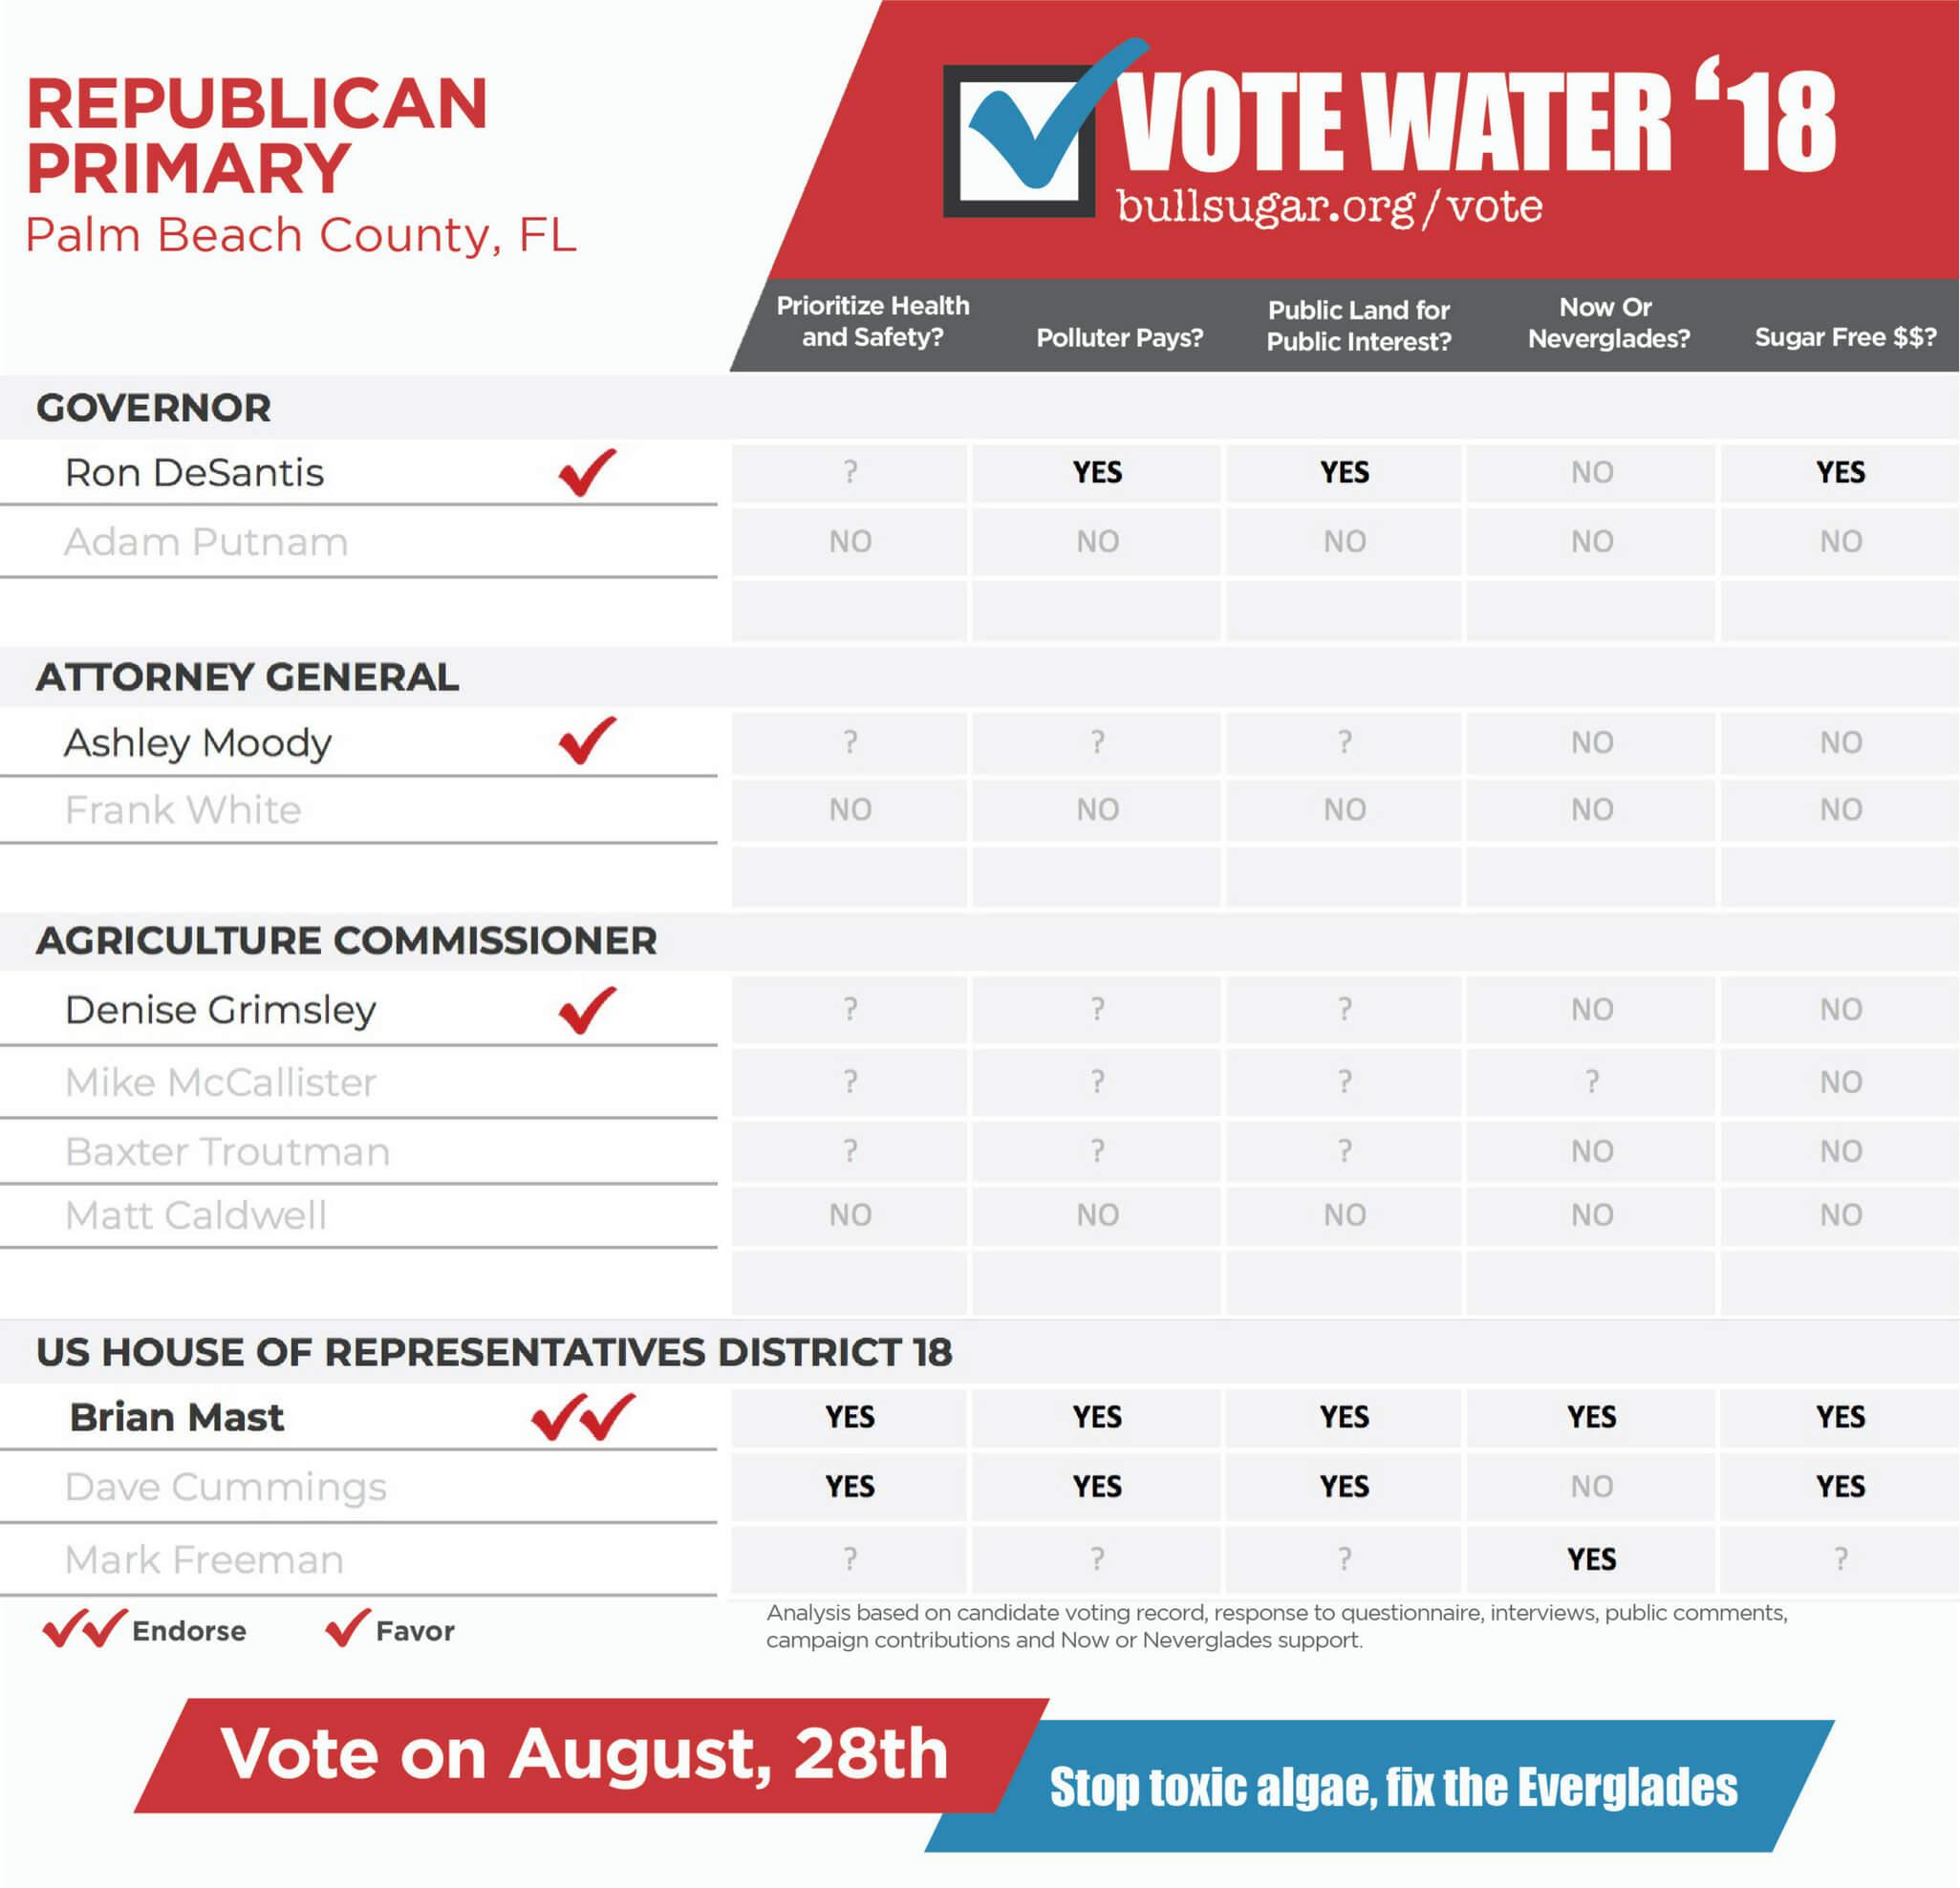 RepublicanFullGuides_PalmBeach2.jpg